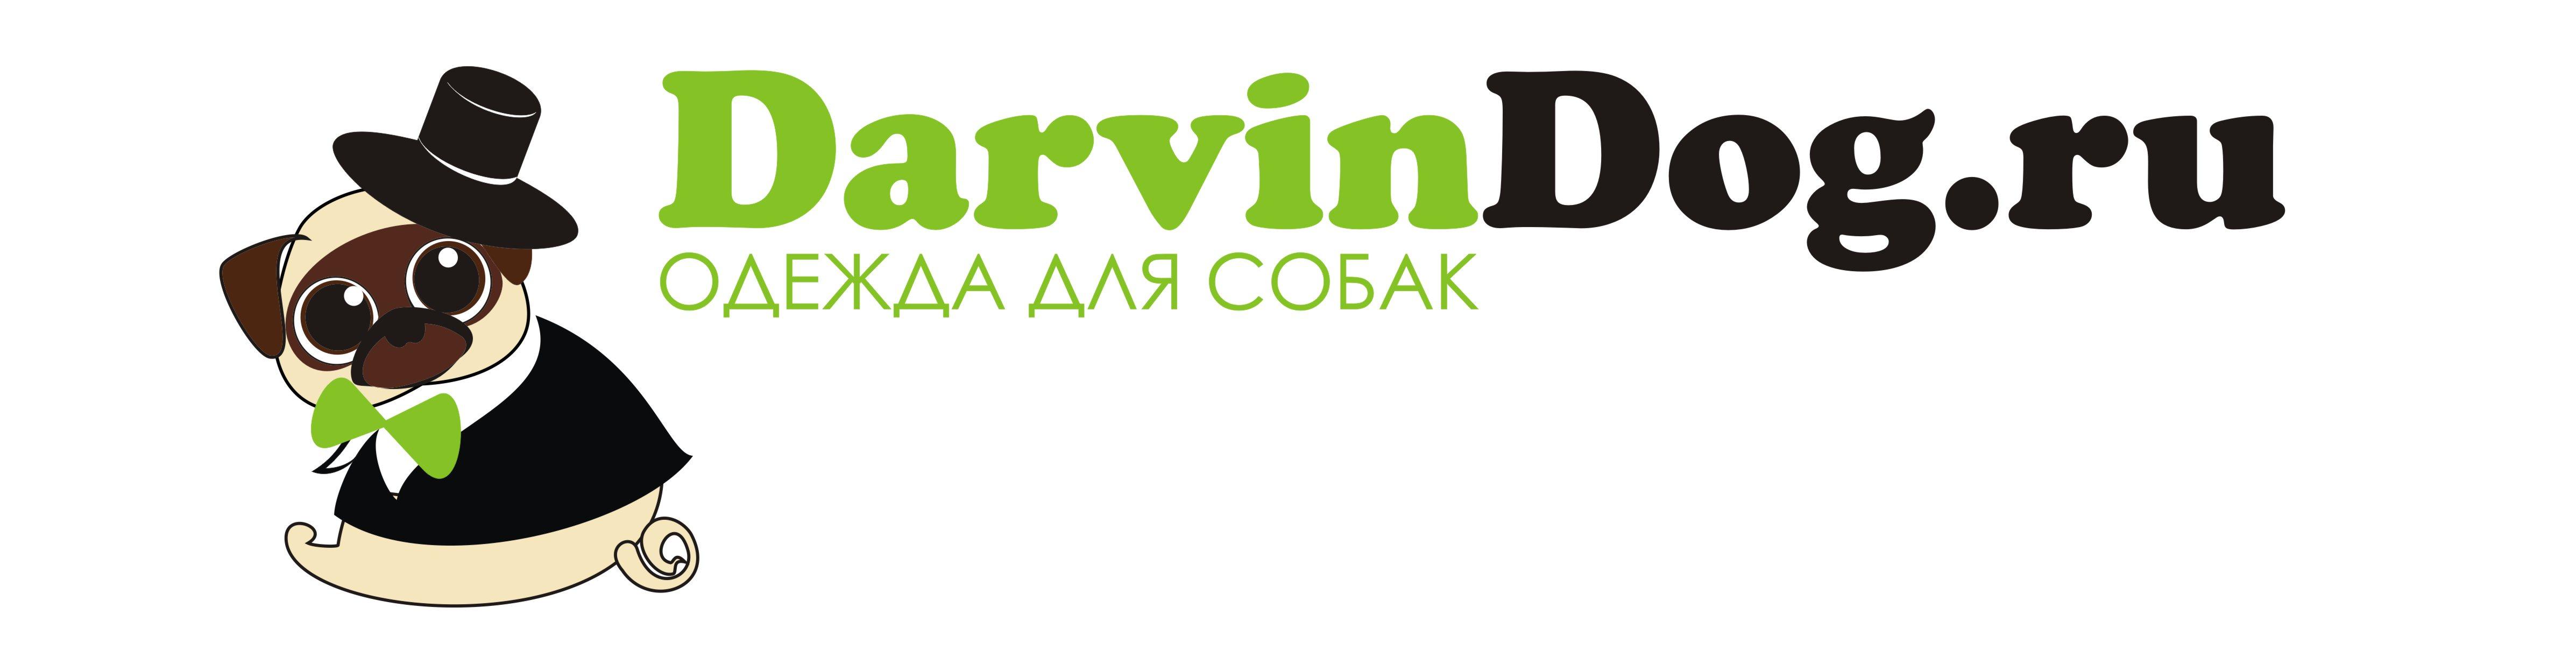 Создать логотип для интернет магазина одежды для собак фото f_391564c879838ec2.jpg